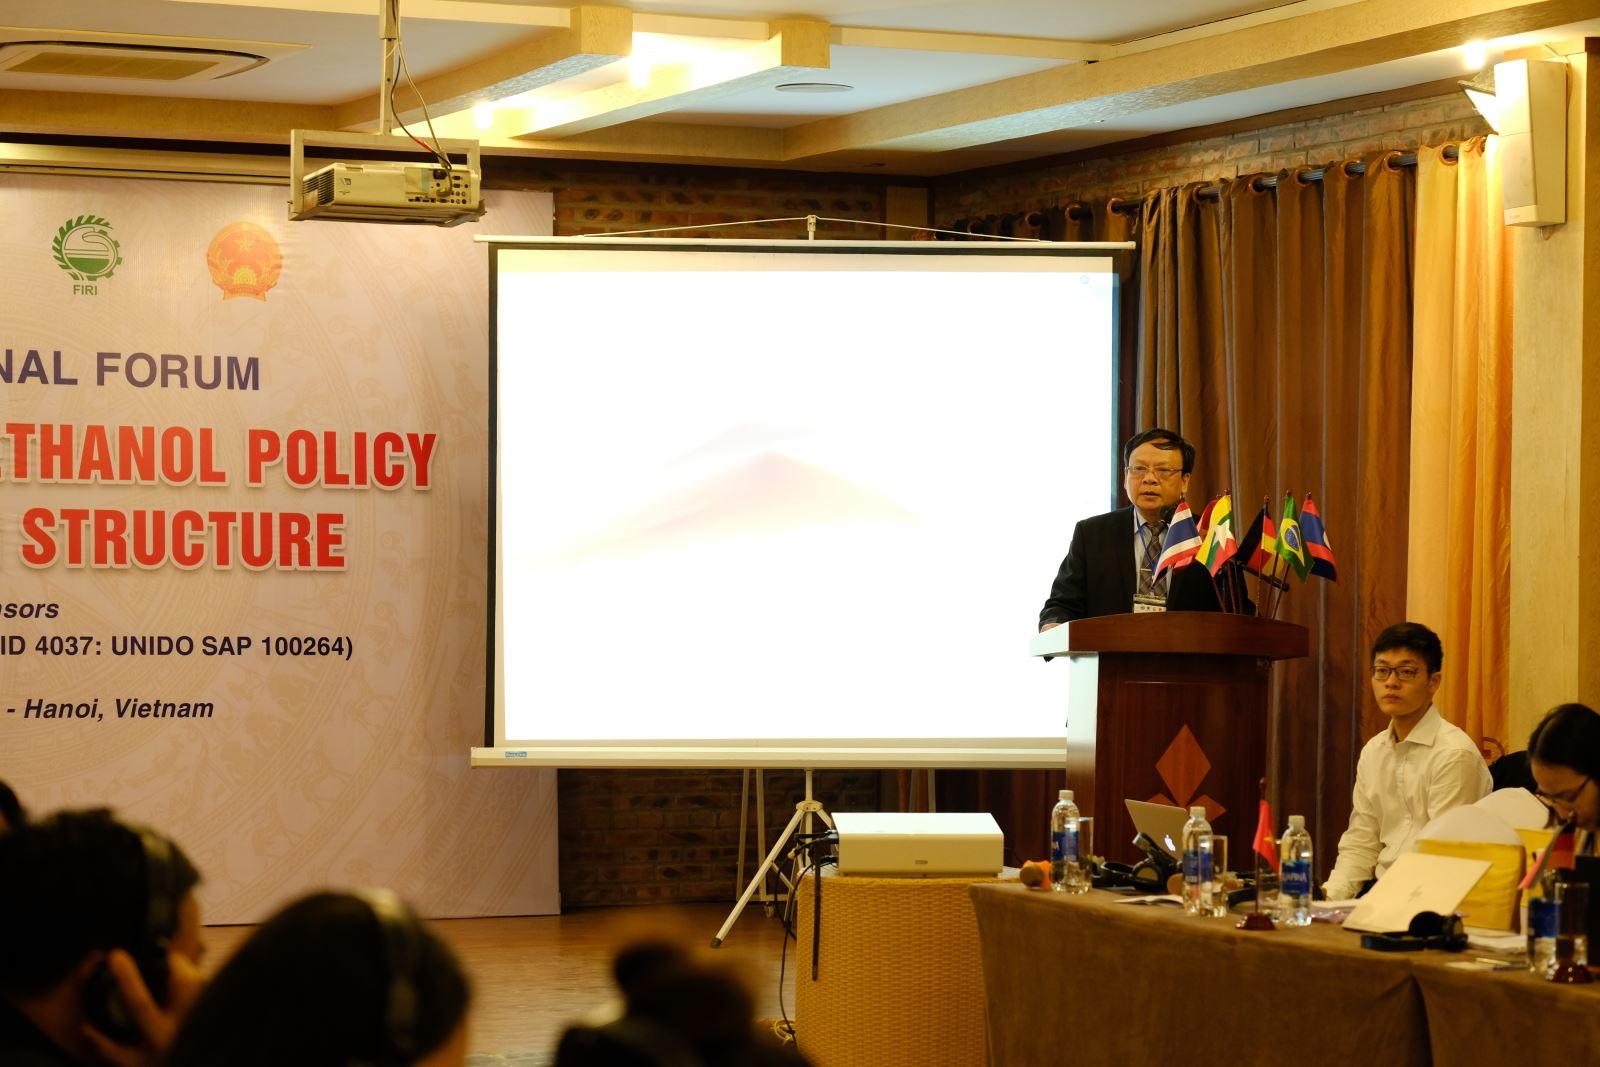 PGS. TS. Lê Đức Mạnh, Viện trưởng Viện Công nghiệp thực phẩm, Giám đốc dự án tại Việt Nam đã phát biểu khai mạc diễn đàn